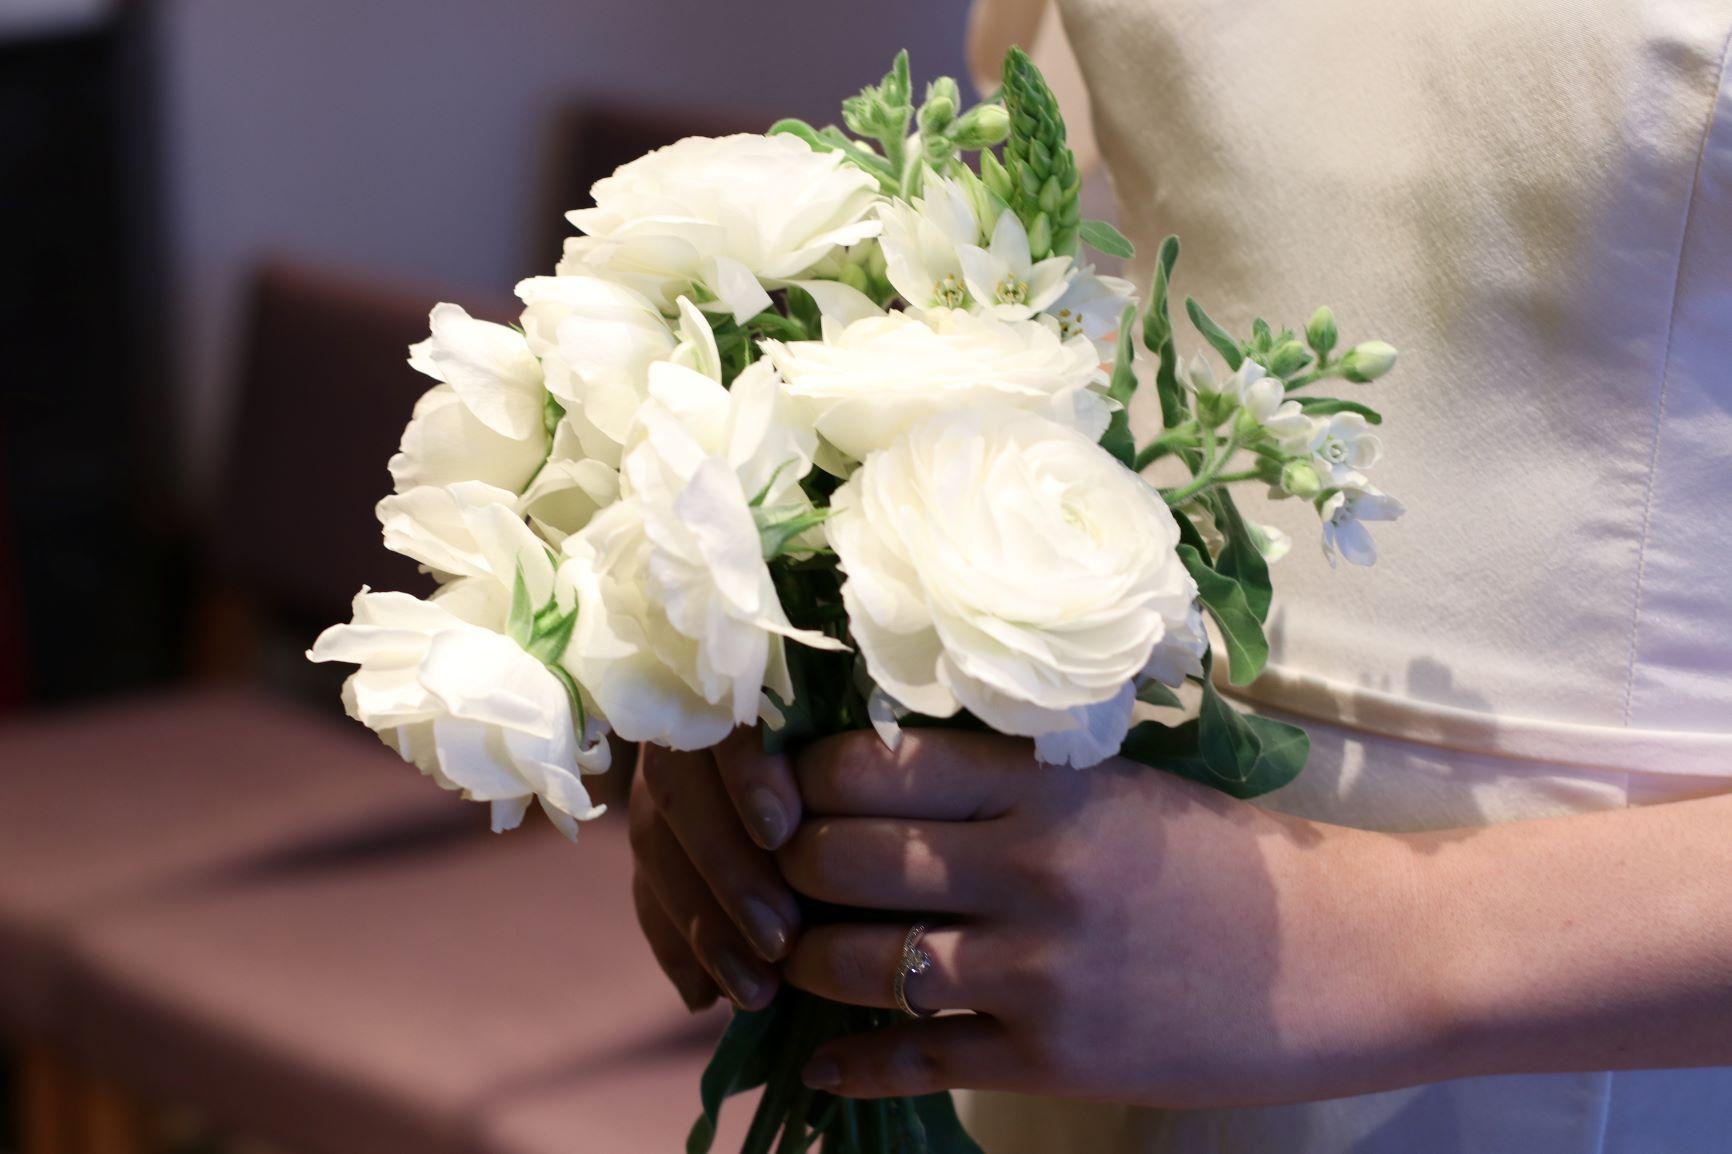 赤坂プリンスクラシックハウスの洋館の雰囲気に合うバラのブーケをトリートドレッシングからご提案